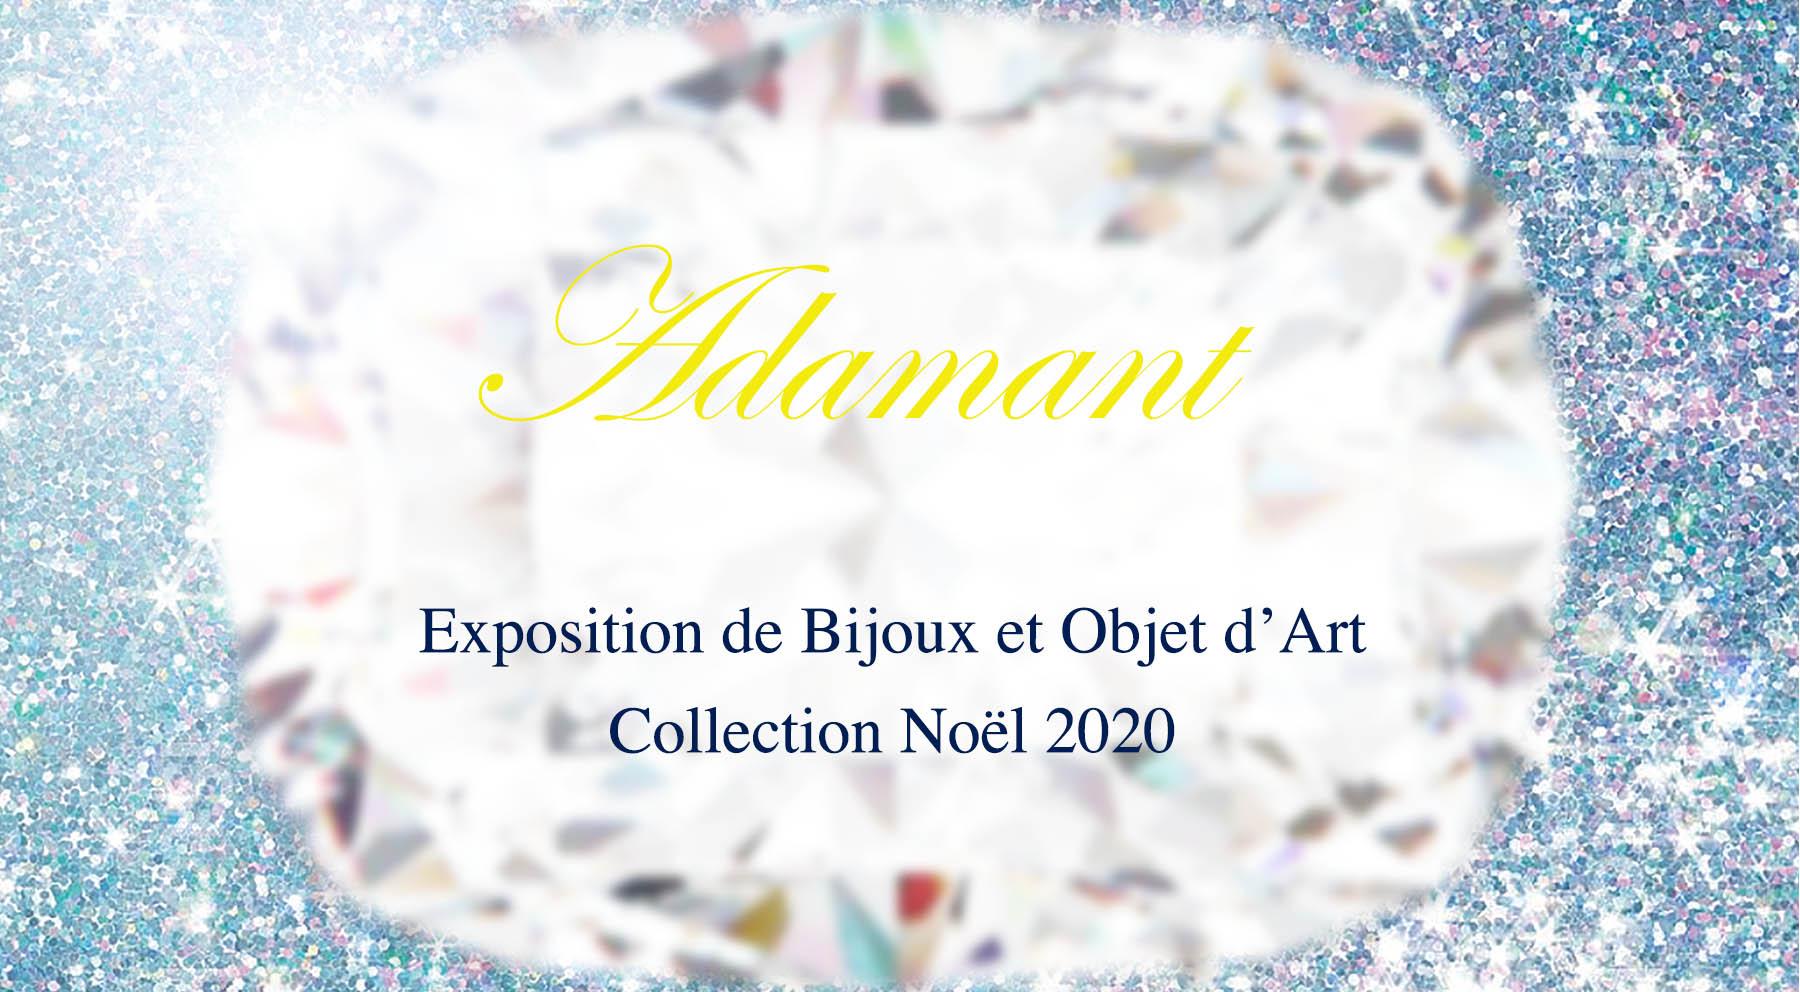 2020ノエル展 アンティークジュエリー オブジェ コレクション展 フランス アンティークジュエリー